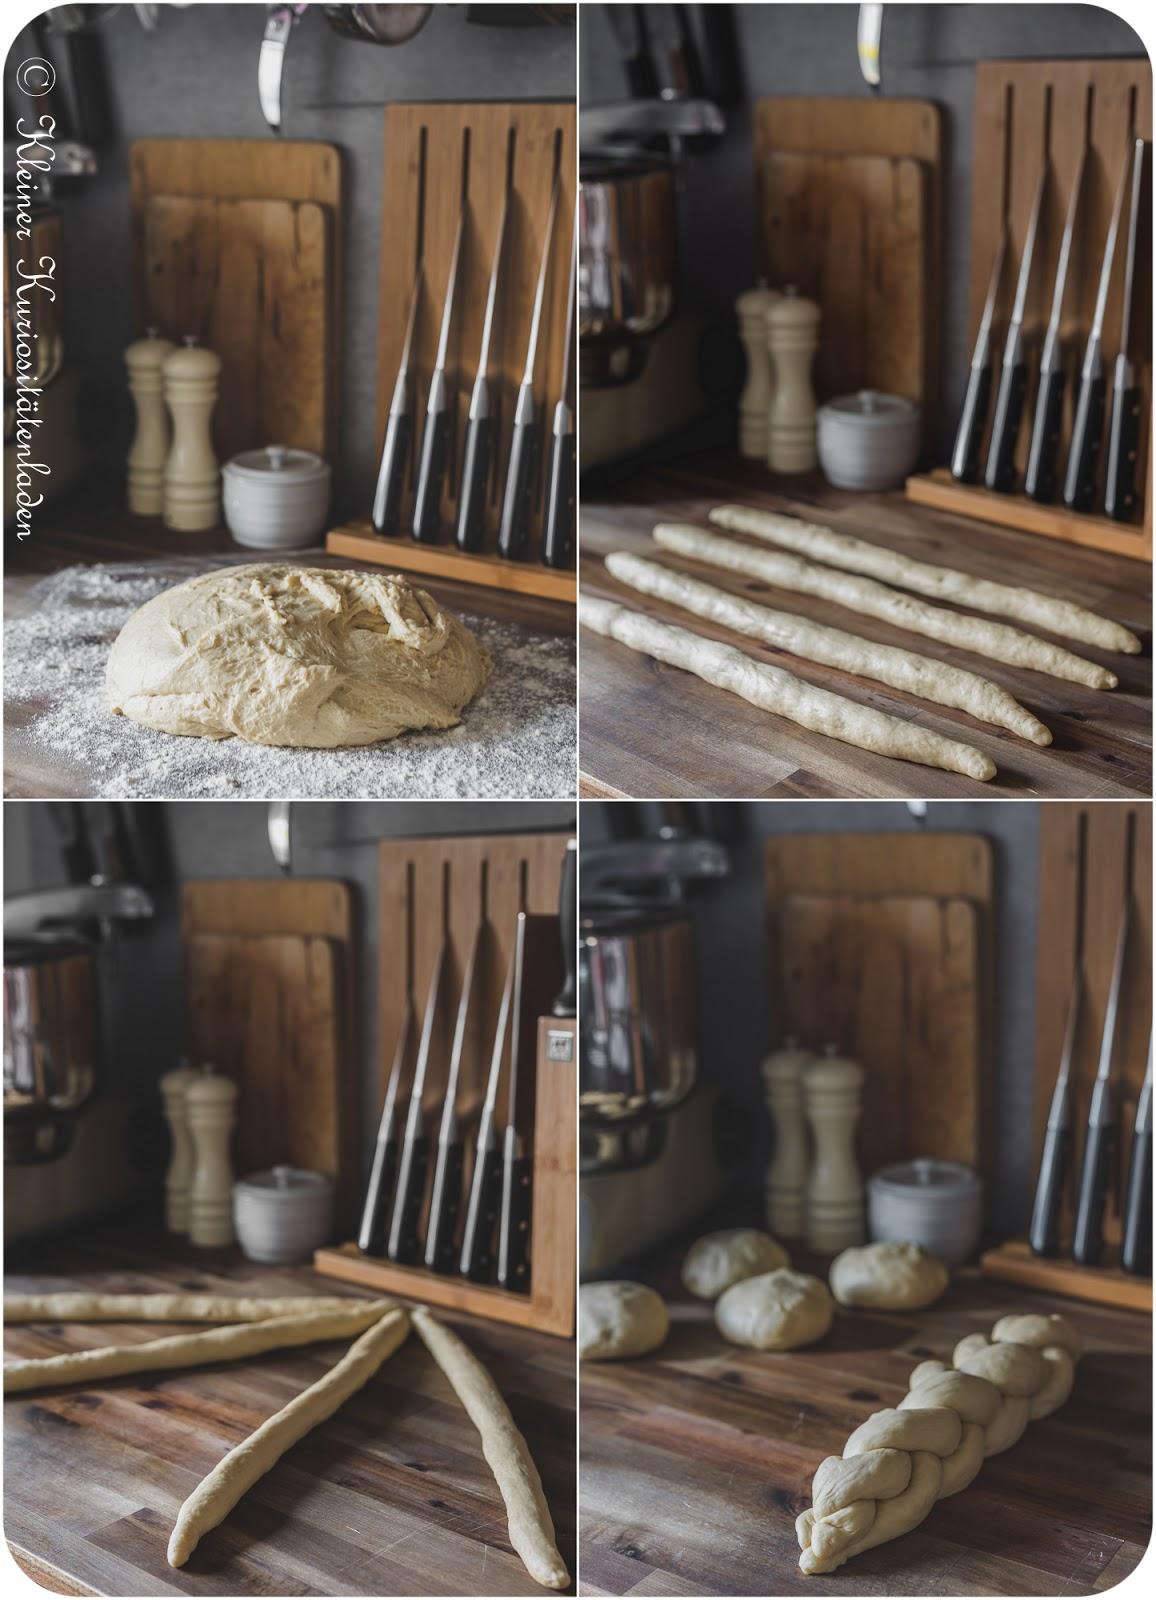 Herstellung eines Challah